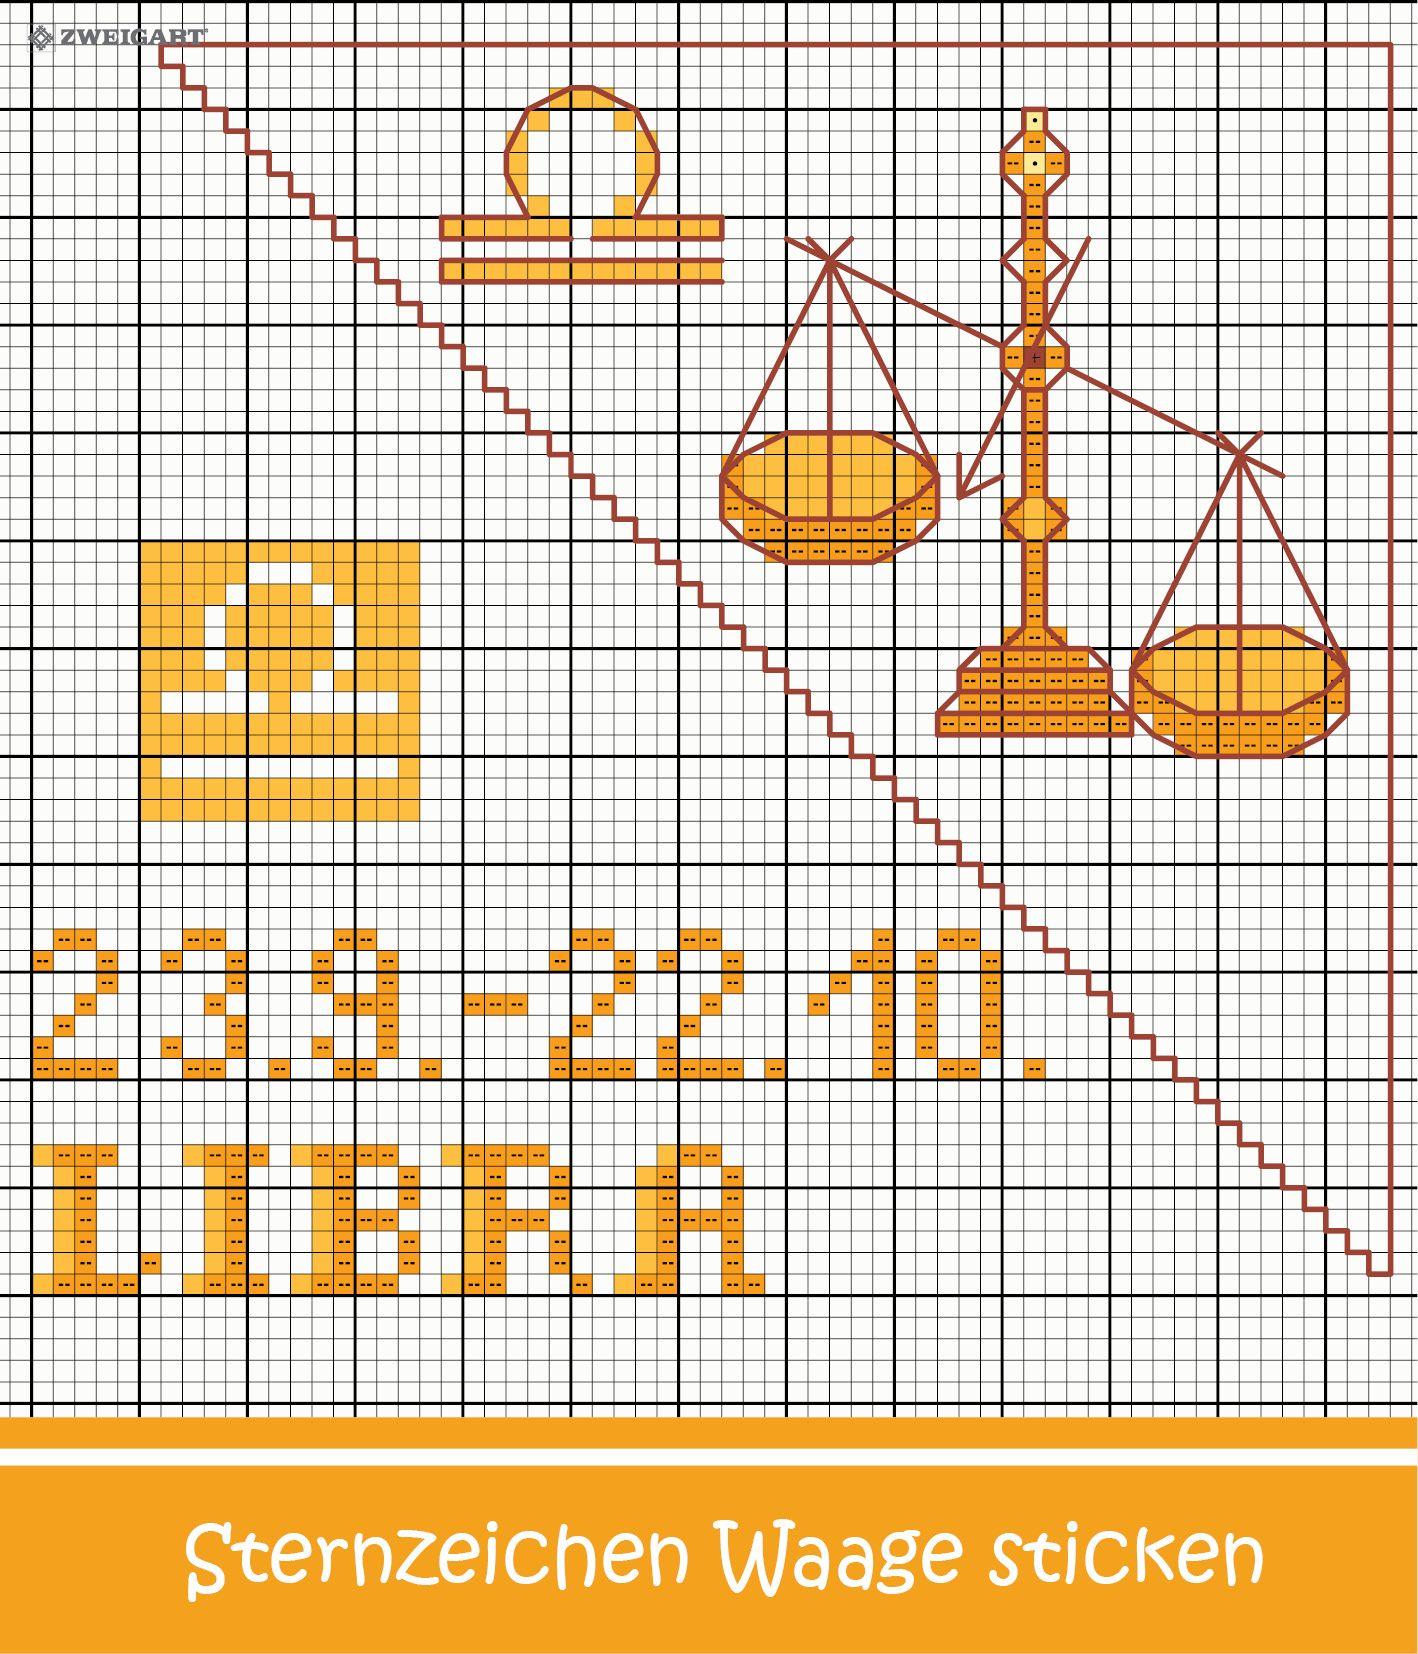 Sternzeichen Waage Entdecke Zahlreiche Kostenlose Charts Zum Sticken Sternzeichen Stickmotive Kreuzstichmuster